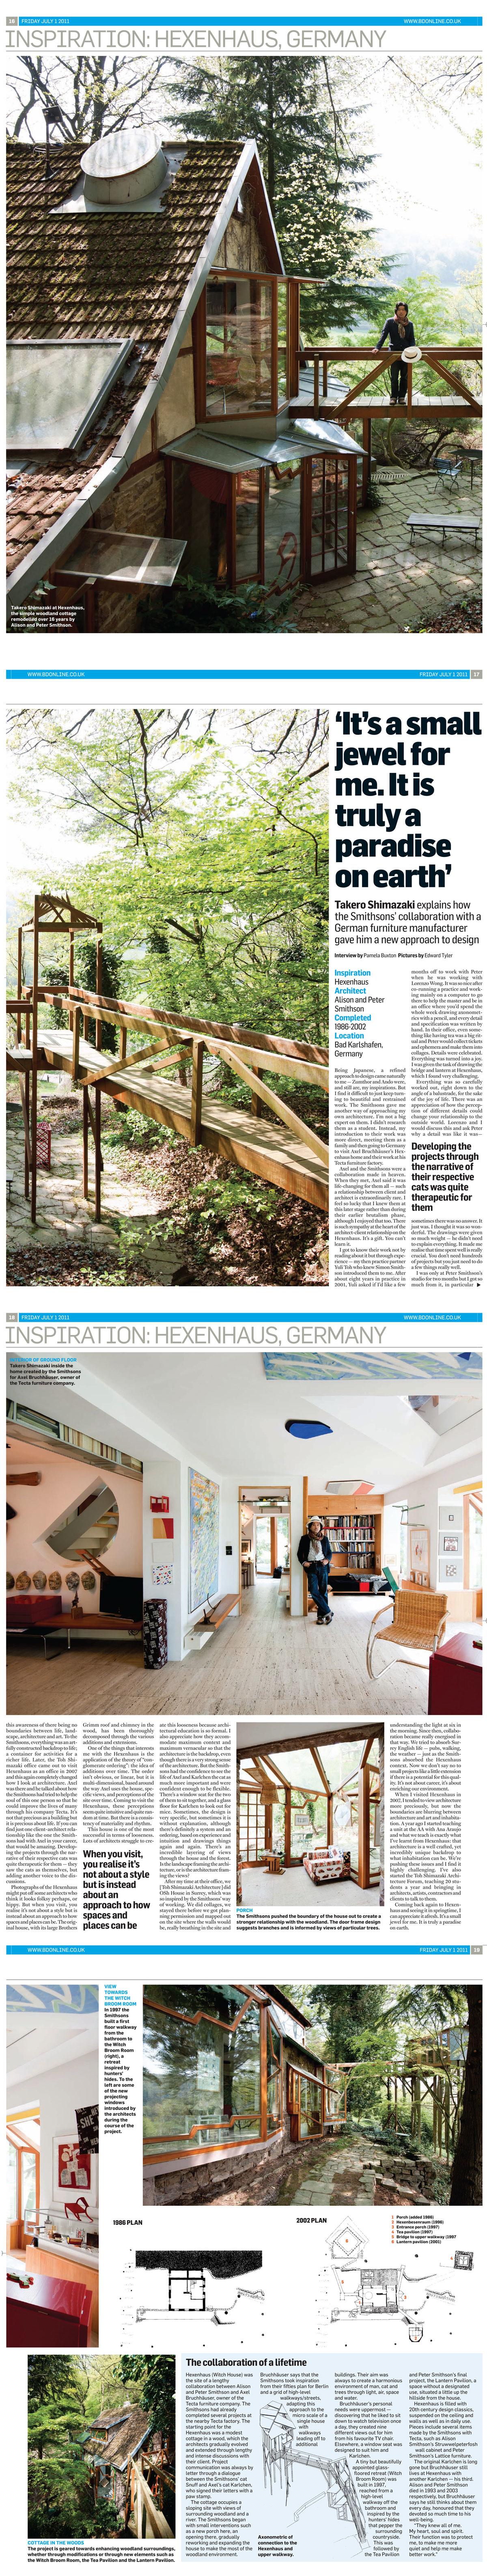 BD_Hexenhaus